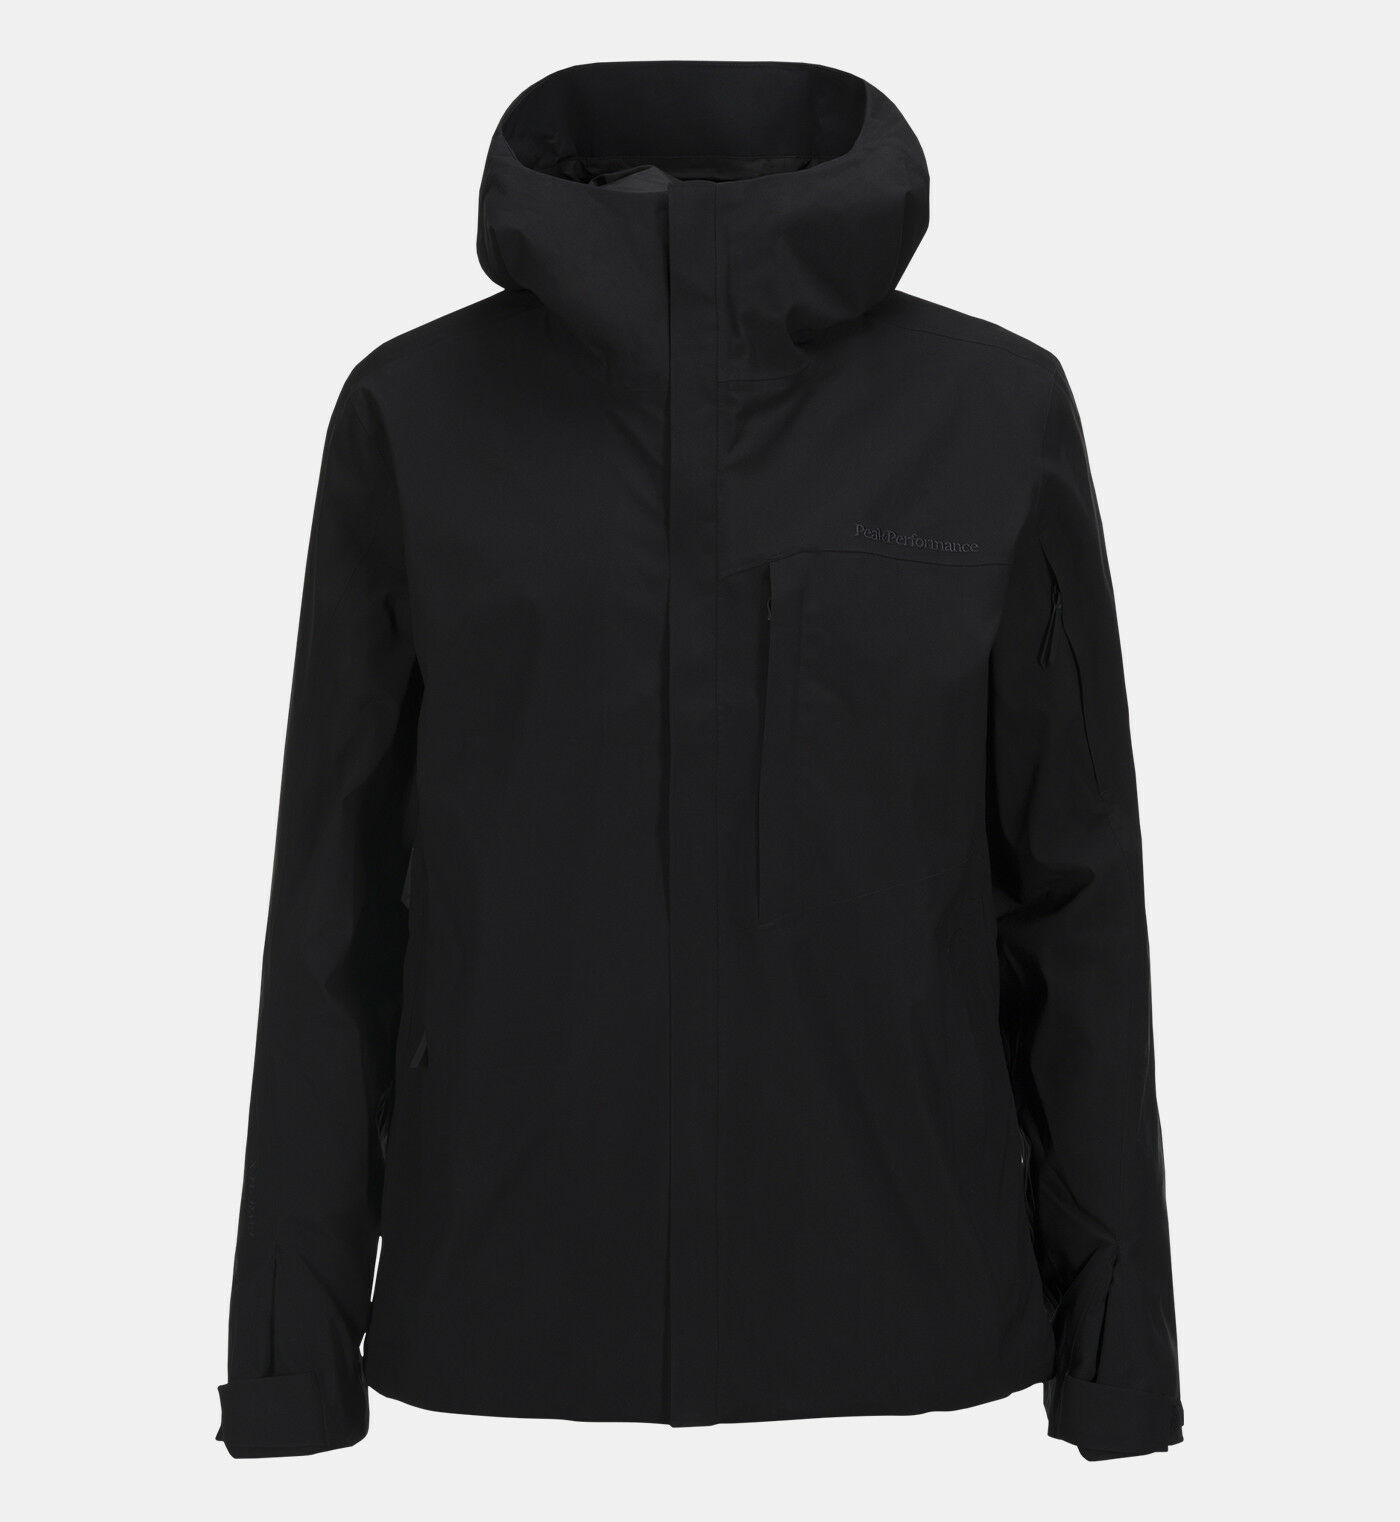 PeakPerformance - Herren Active Ski Jacke WeißWAT J, in schwarz, Größe XL